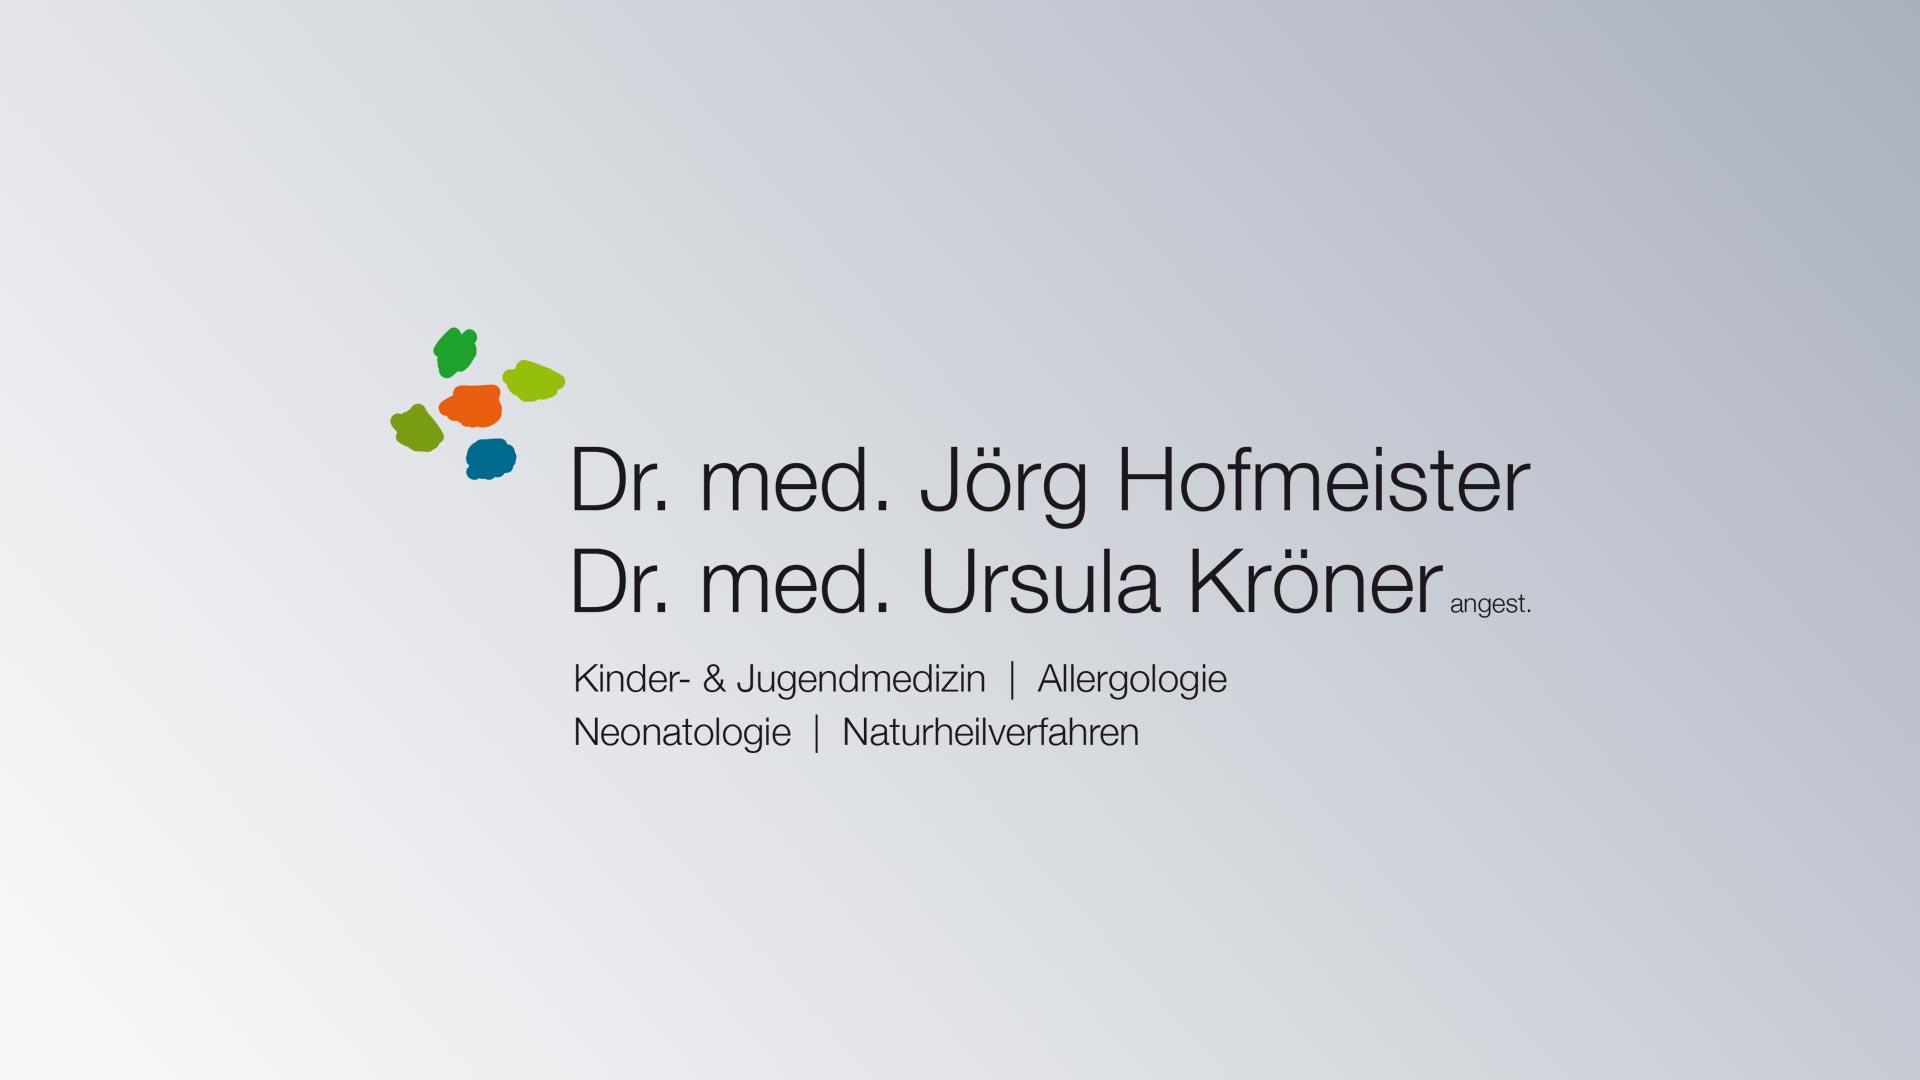 Dr. med. Jörg Hofmeister Dr. med. Ursula Kröner Kinderarzt Denzlingen Logo Logorelaunch